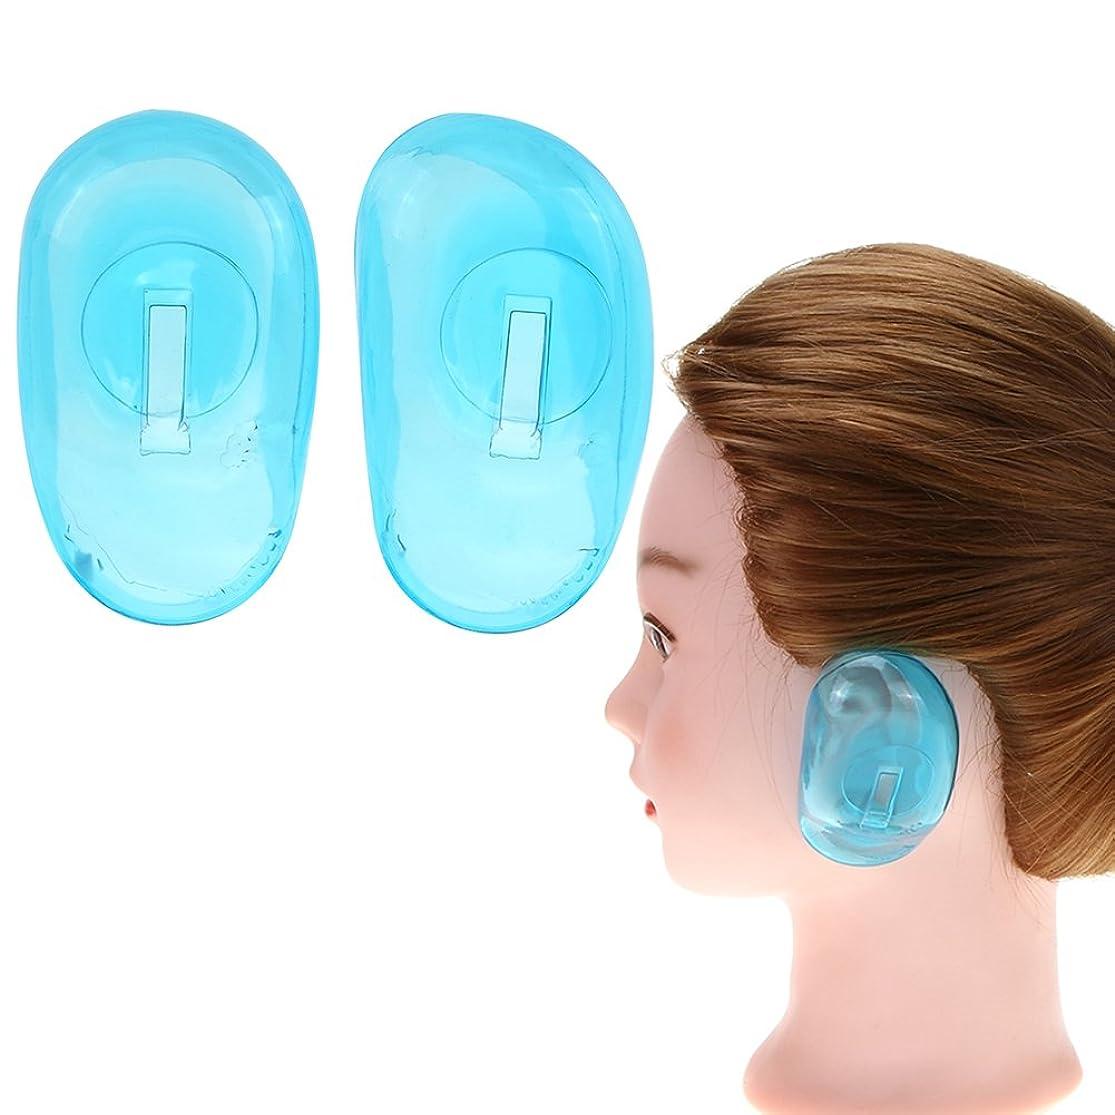 所有権押すネクタイRuier-tong 5ペア耳カバー 毛染め用 シリコン製 耳キャップ 柔らかいイヤーキャップ ヘアカラー シャワー 耳保護 ヘアケアツール サロン 洗える 繰り返す使用可能 エコ 8.5x5cm